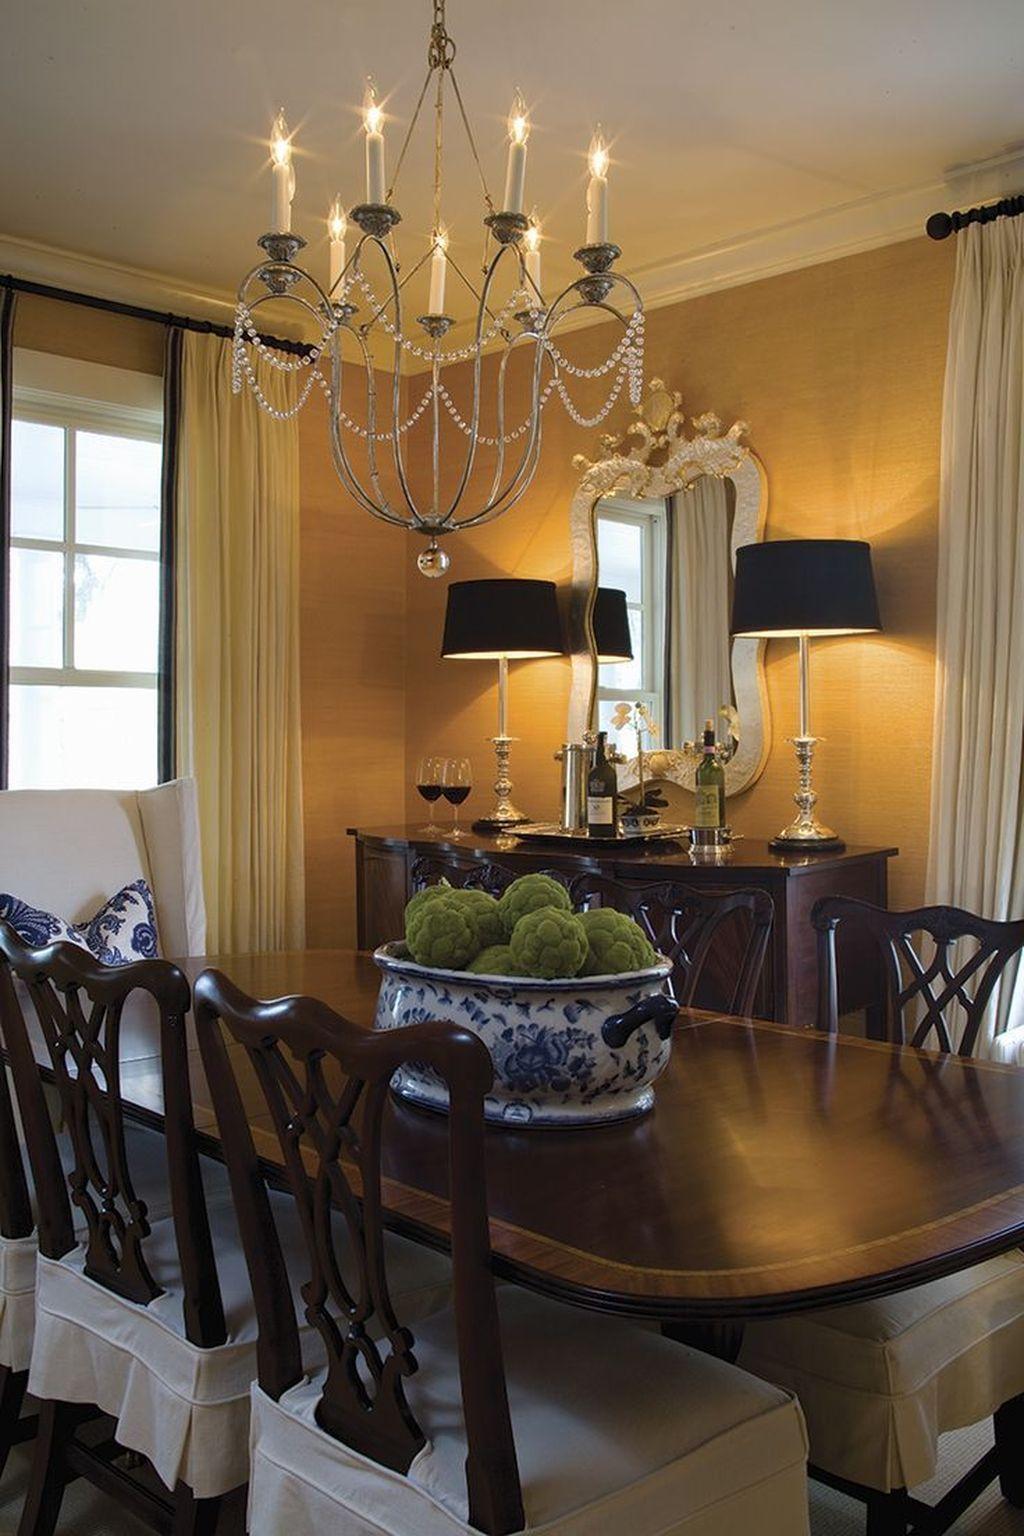 47 Most Popular Black Dining Room Decorating Ideas